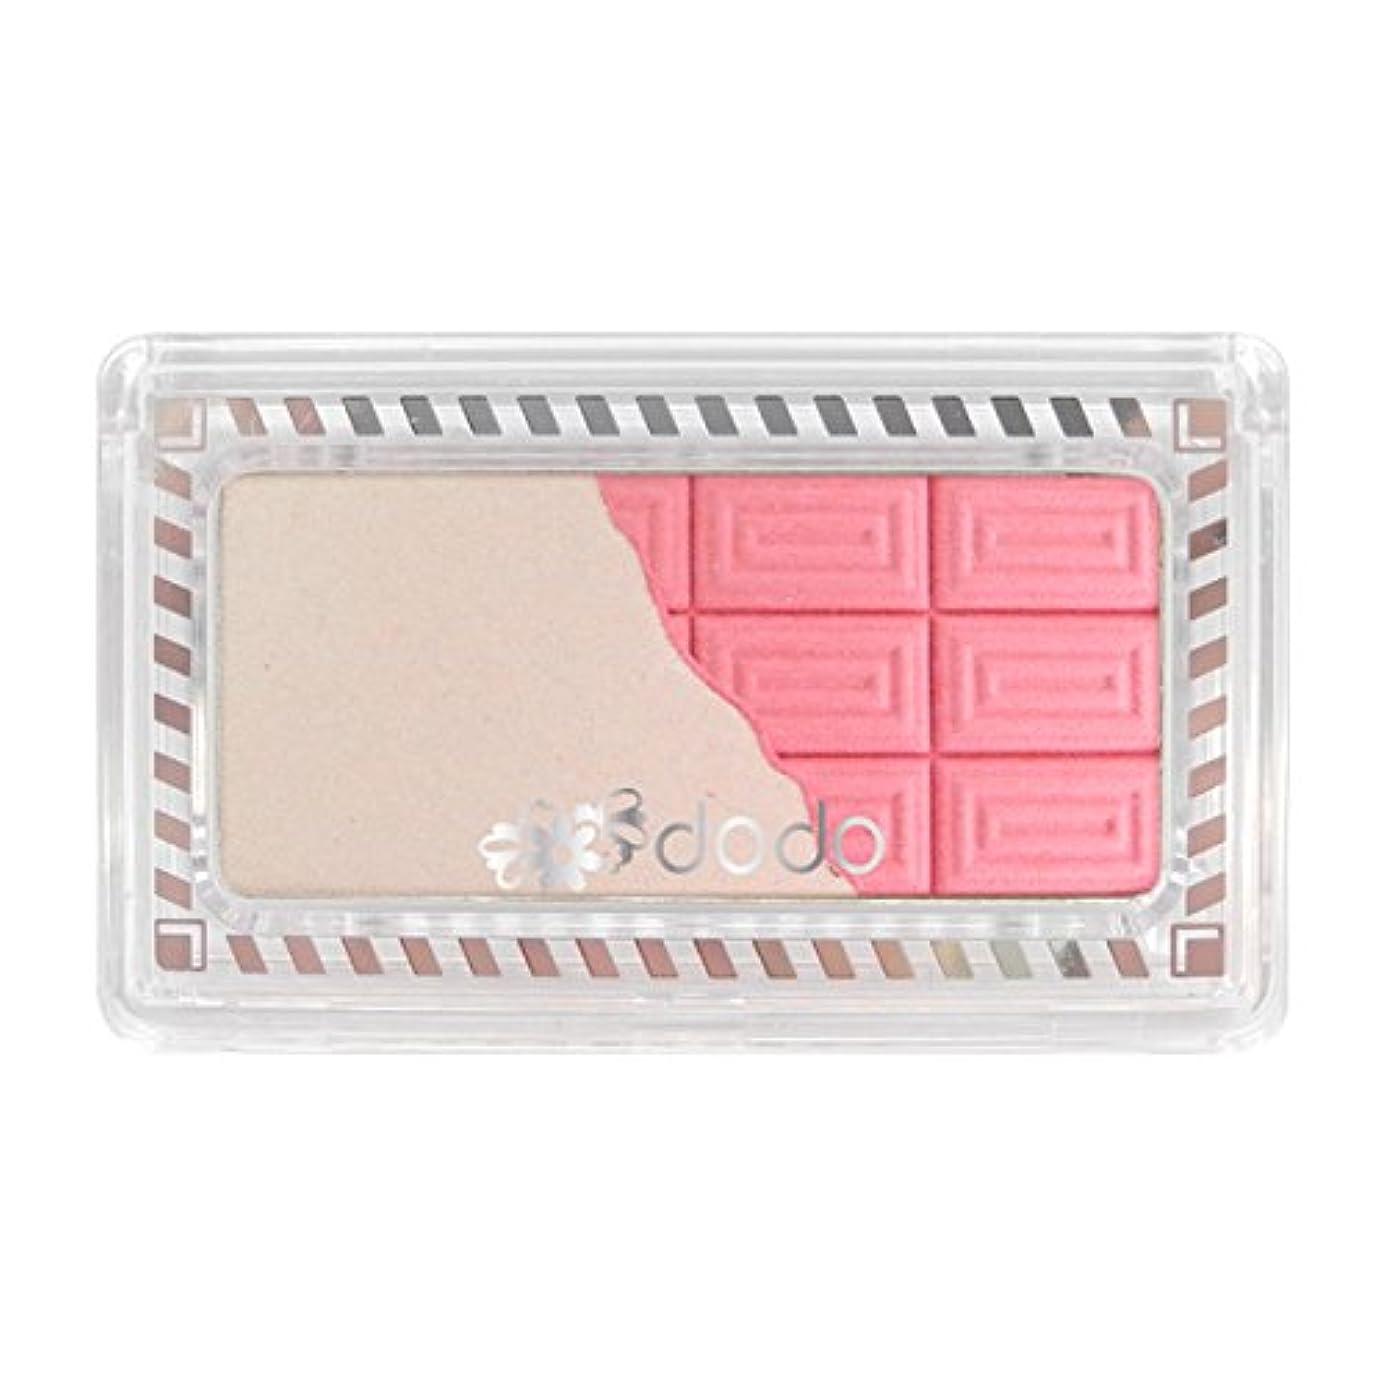 鉄道ほこりっぽいプラスドド チョコチーク CC10 ピンク